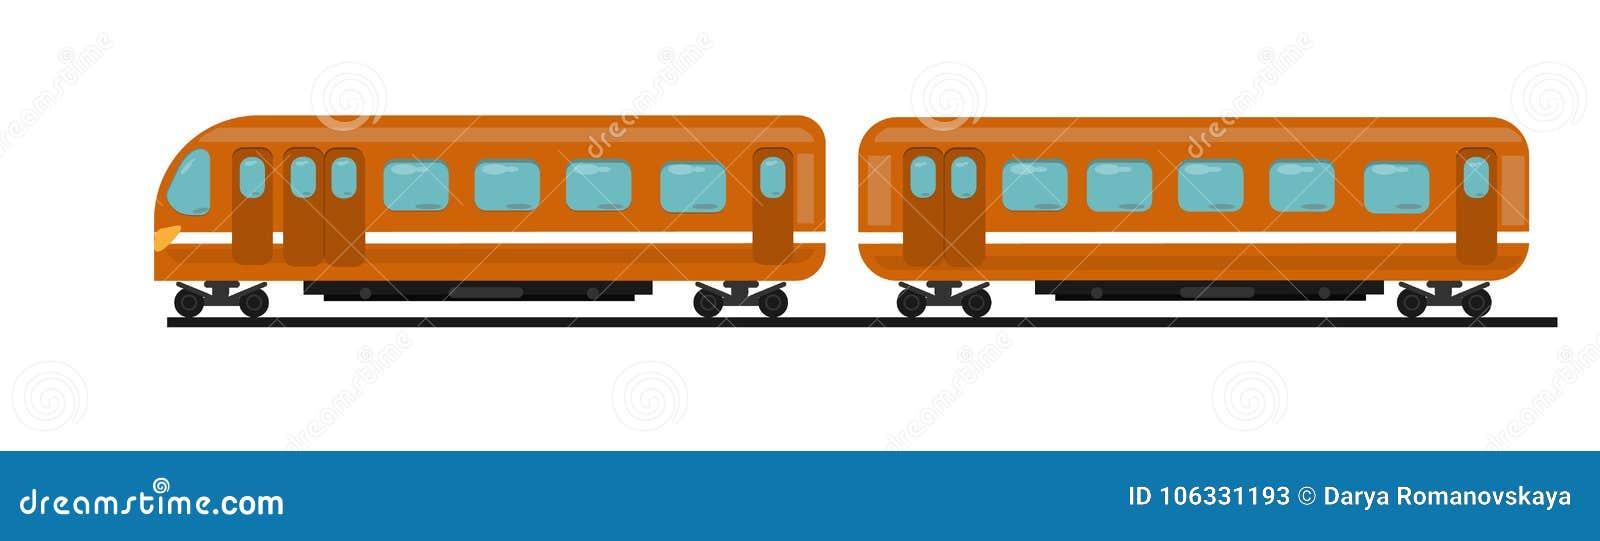 Пассажирский поезд оранжевого цвета от 2 автомобилей на рельсах